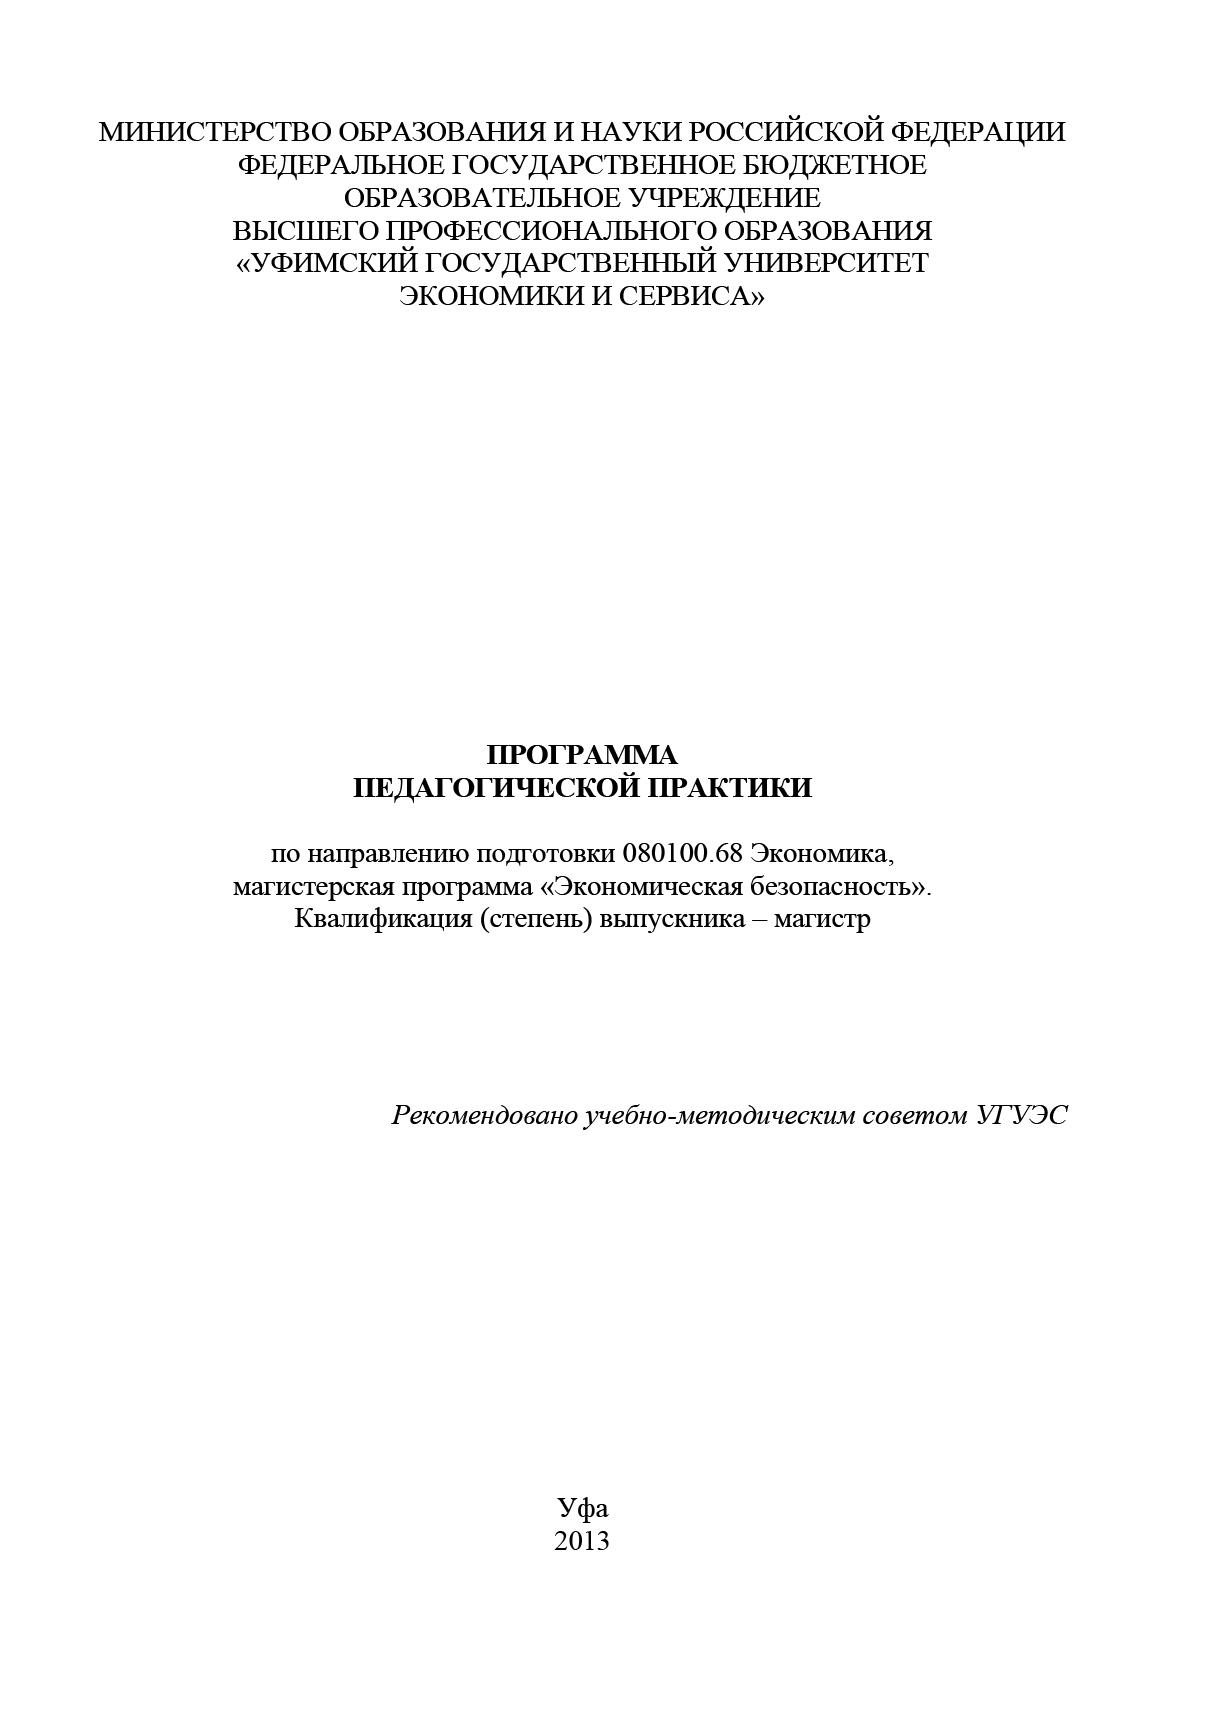 Ольга Мамателашвили Программа педагогической практики по направлению подготовки 080100.68 Экономика, магистерская программа «Экономика фирмы и отраслевых рынков». Квалификация (степень) выпускника – магистр